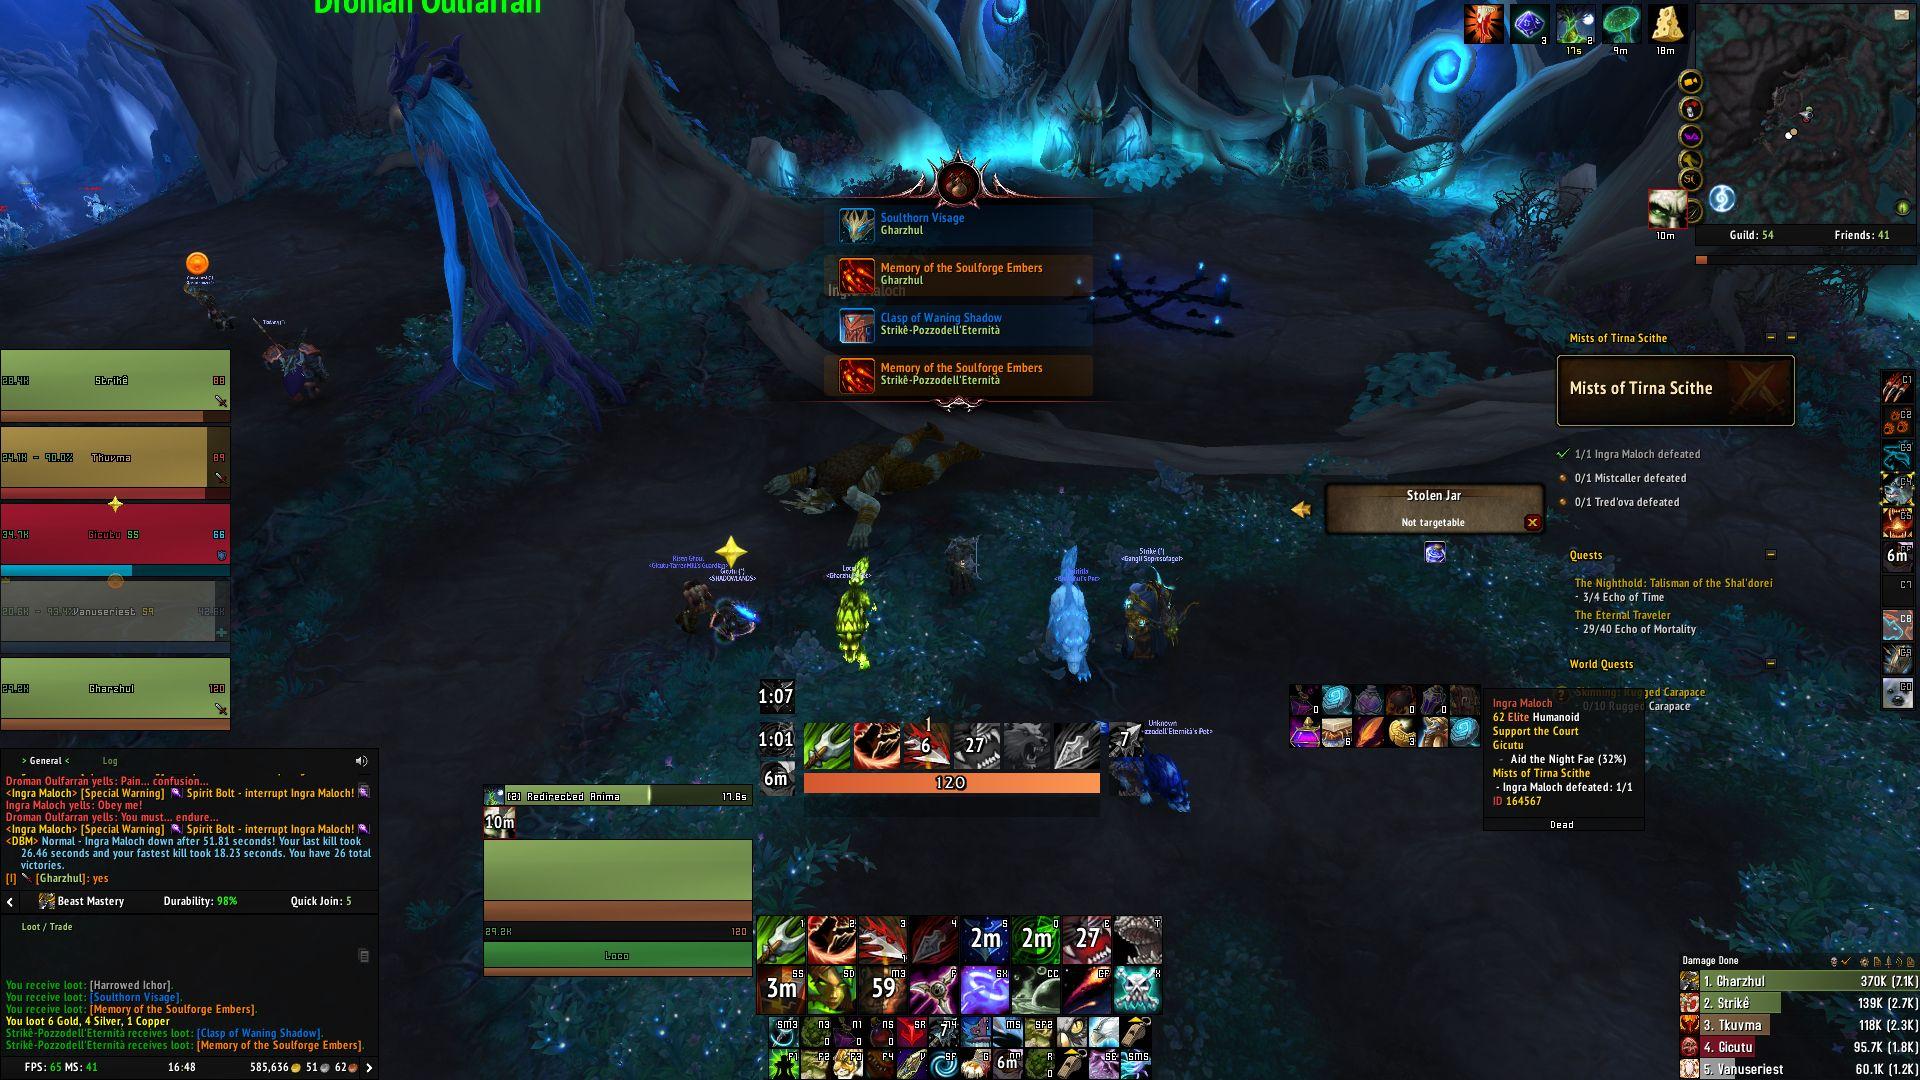 První týden ve World of Warcraft: Shadowlands image023